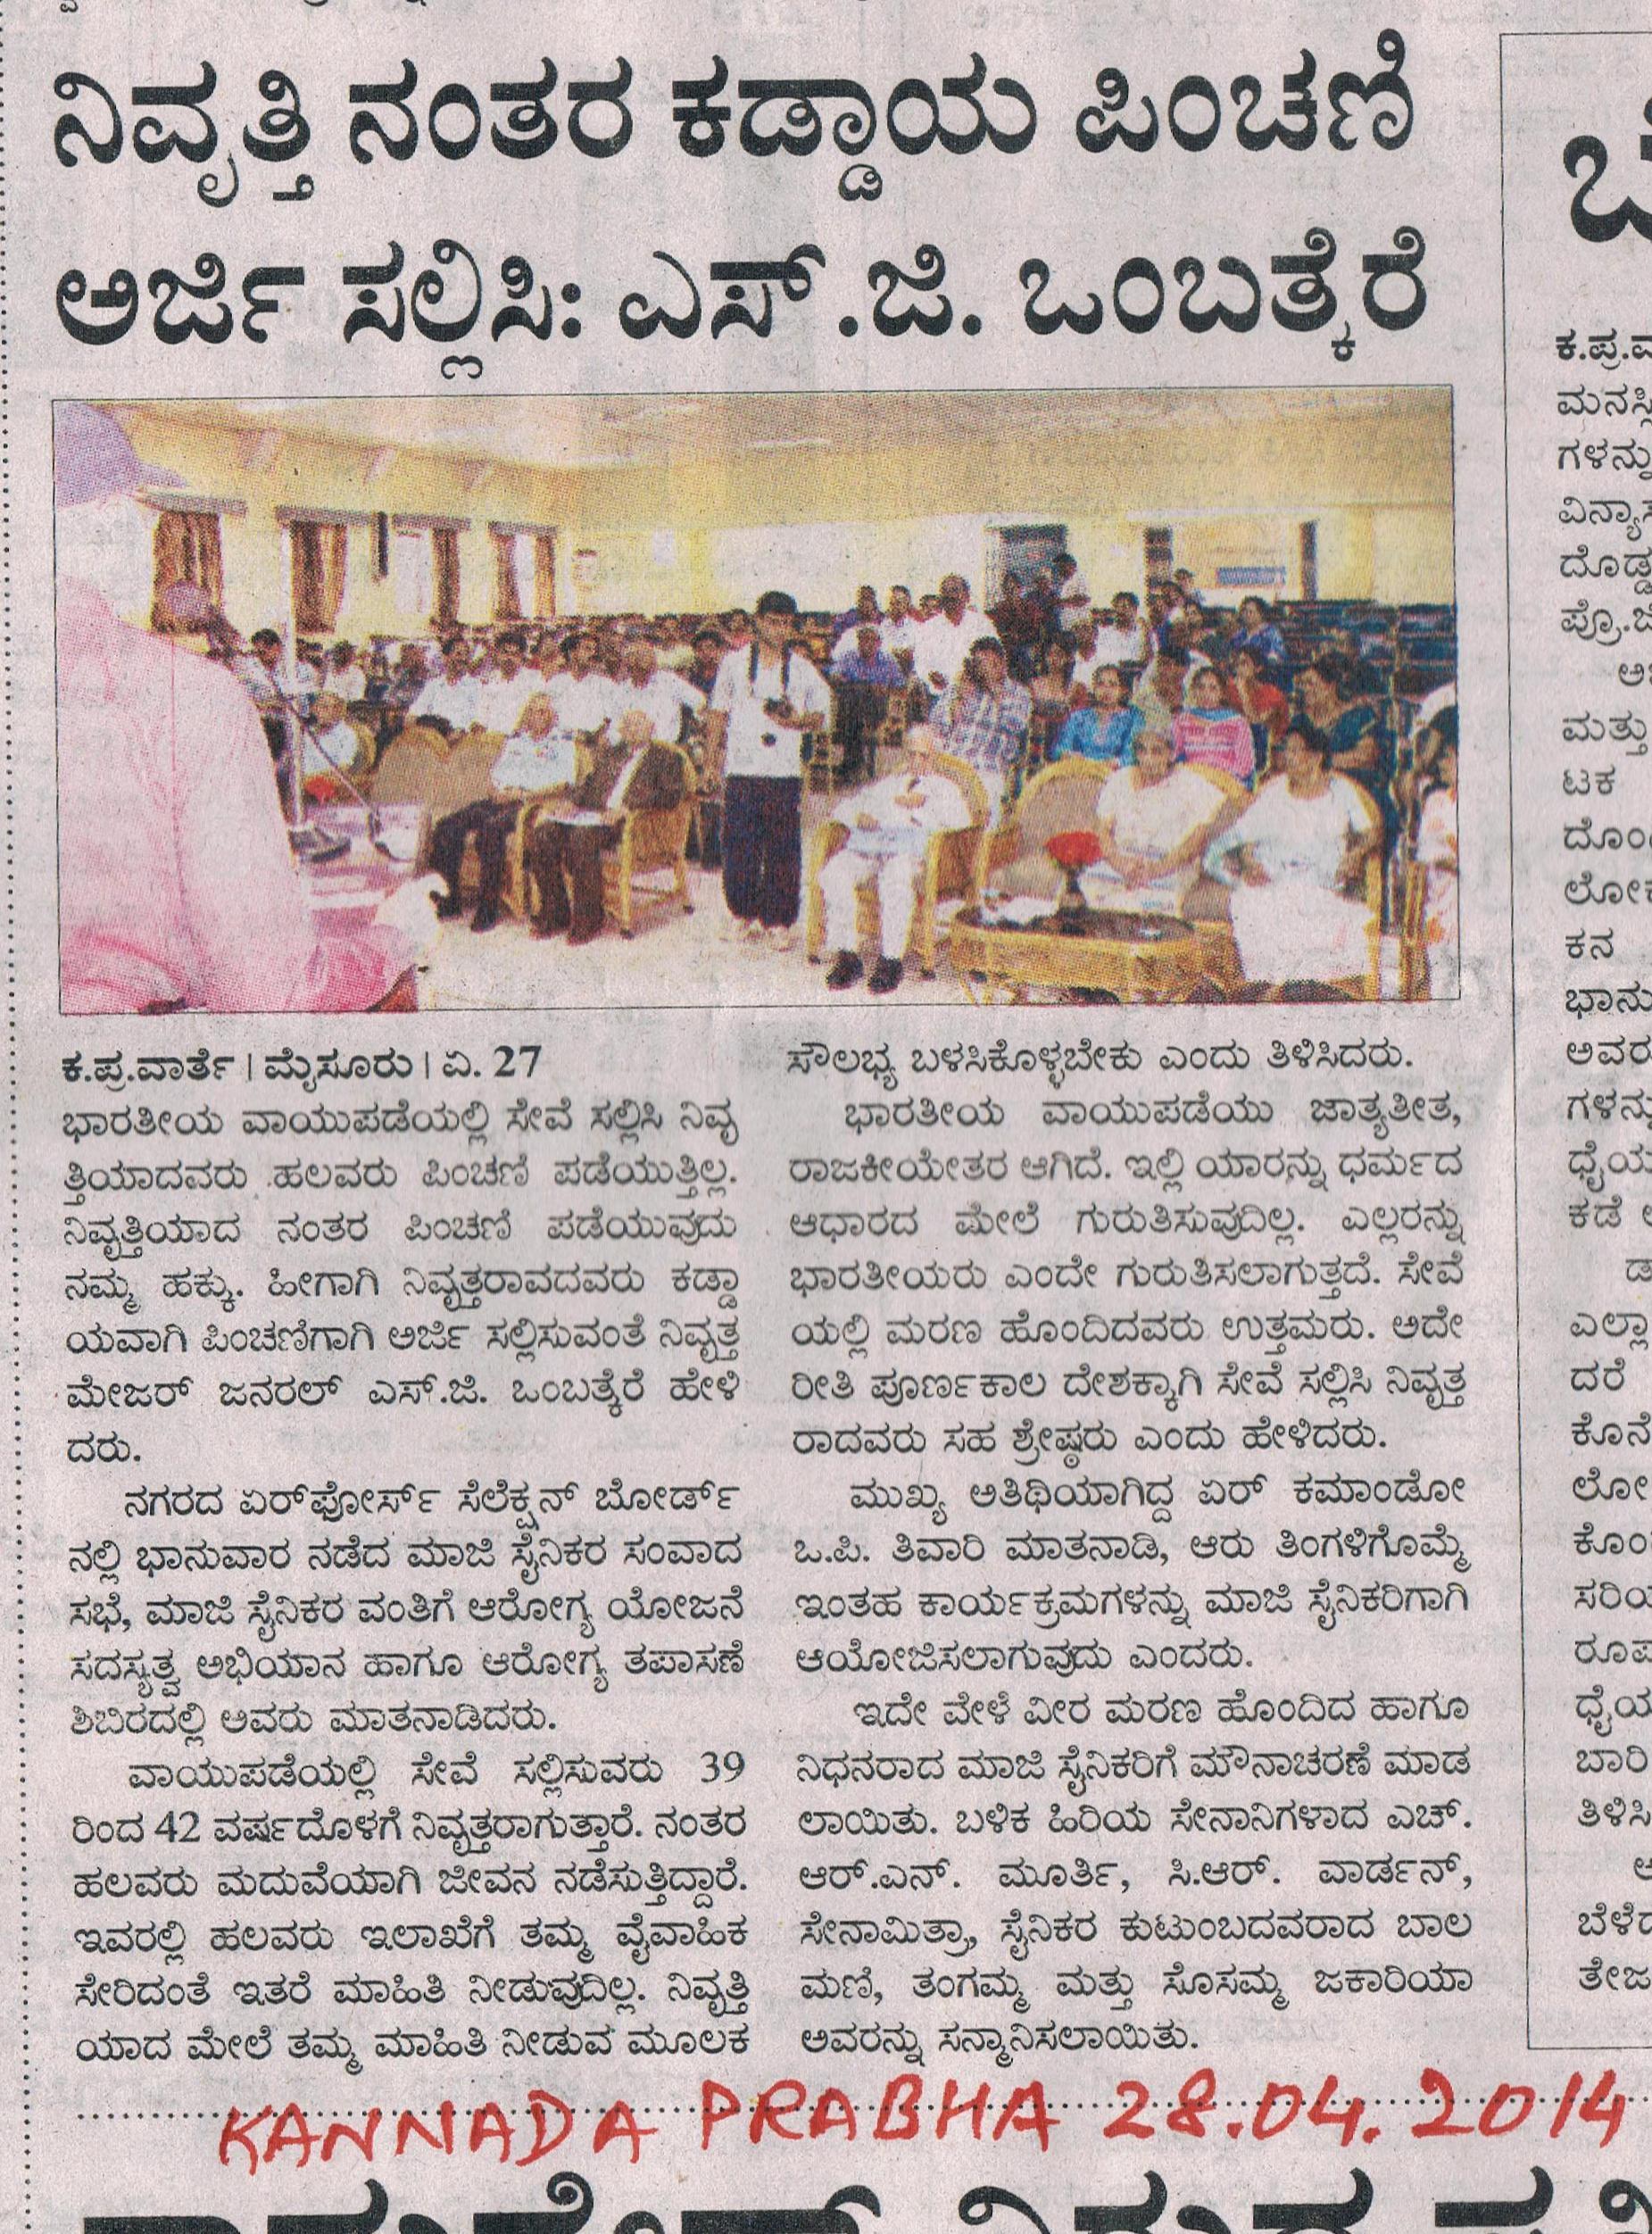 007 Kannada Prabha 28.04.2014